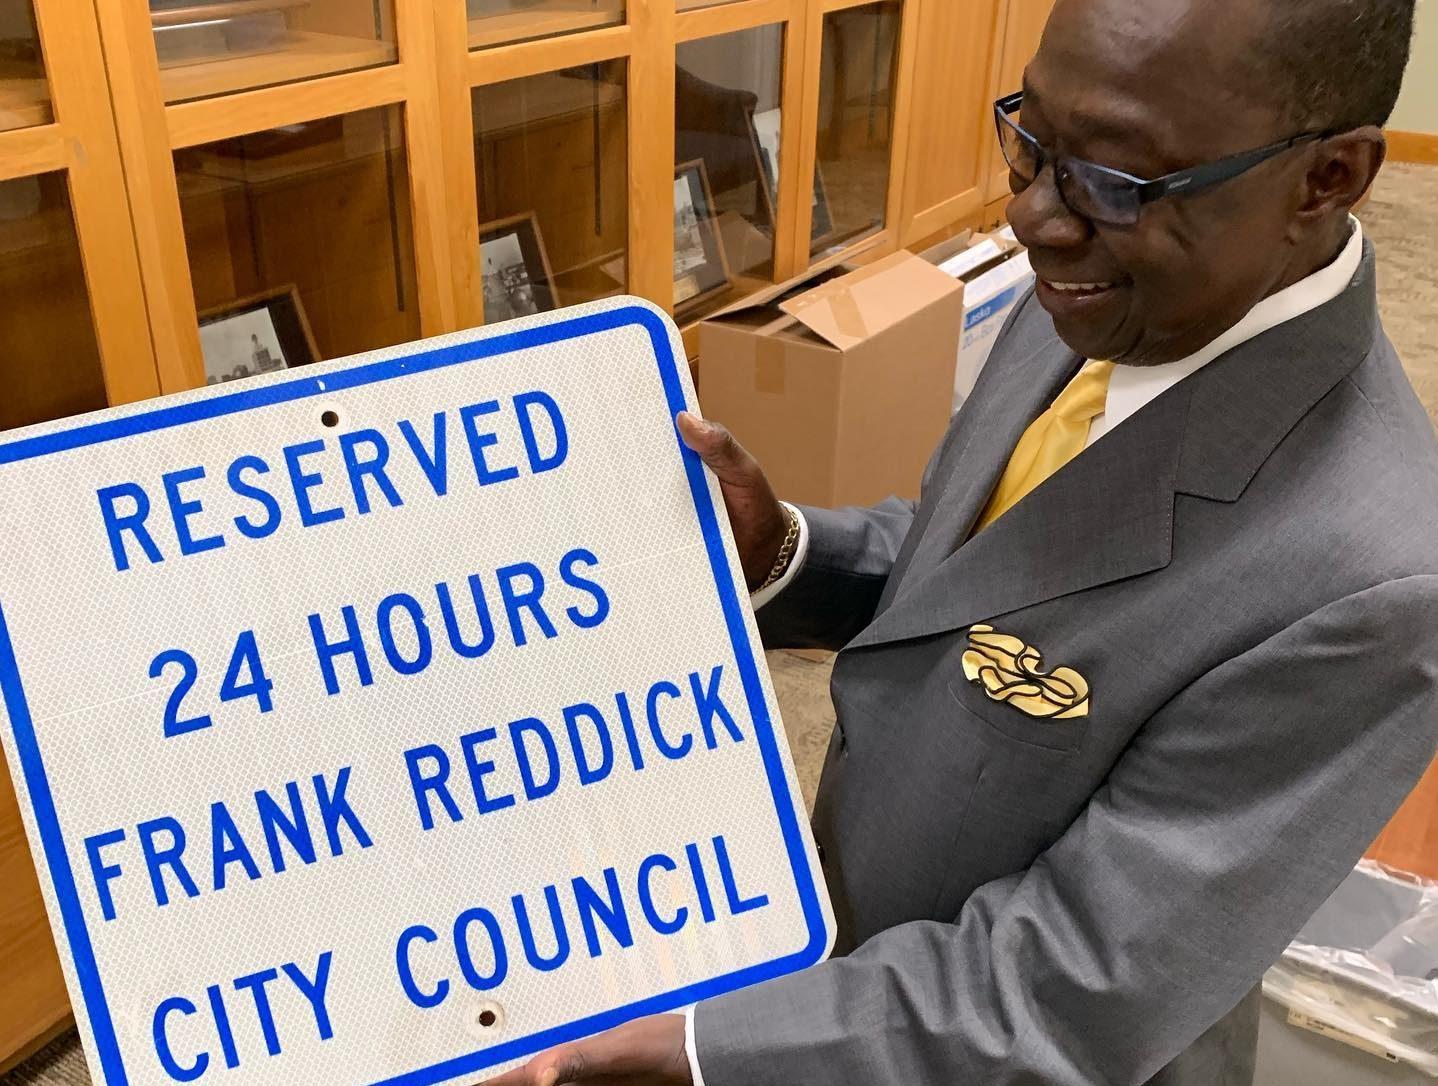 Frank-Reddick-e1569366023758.jpg